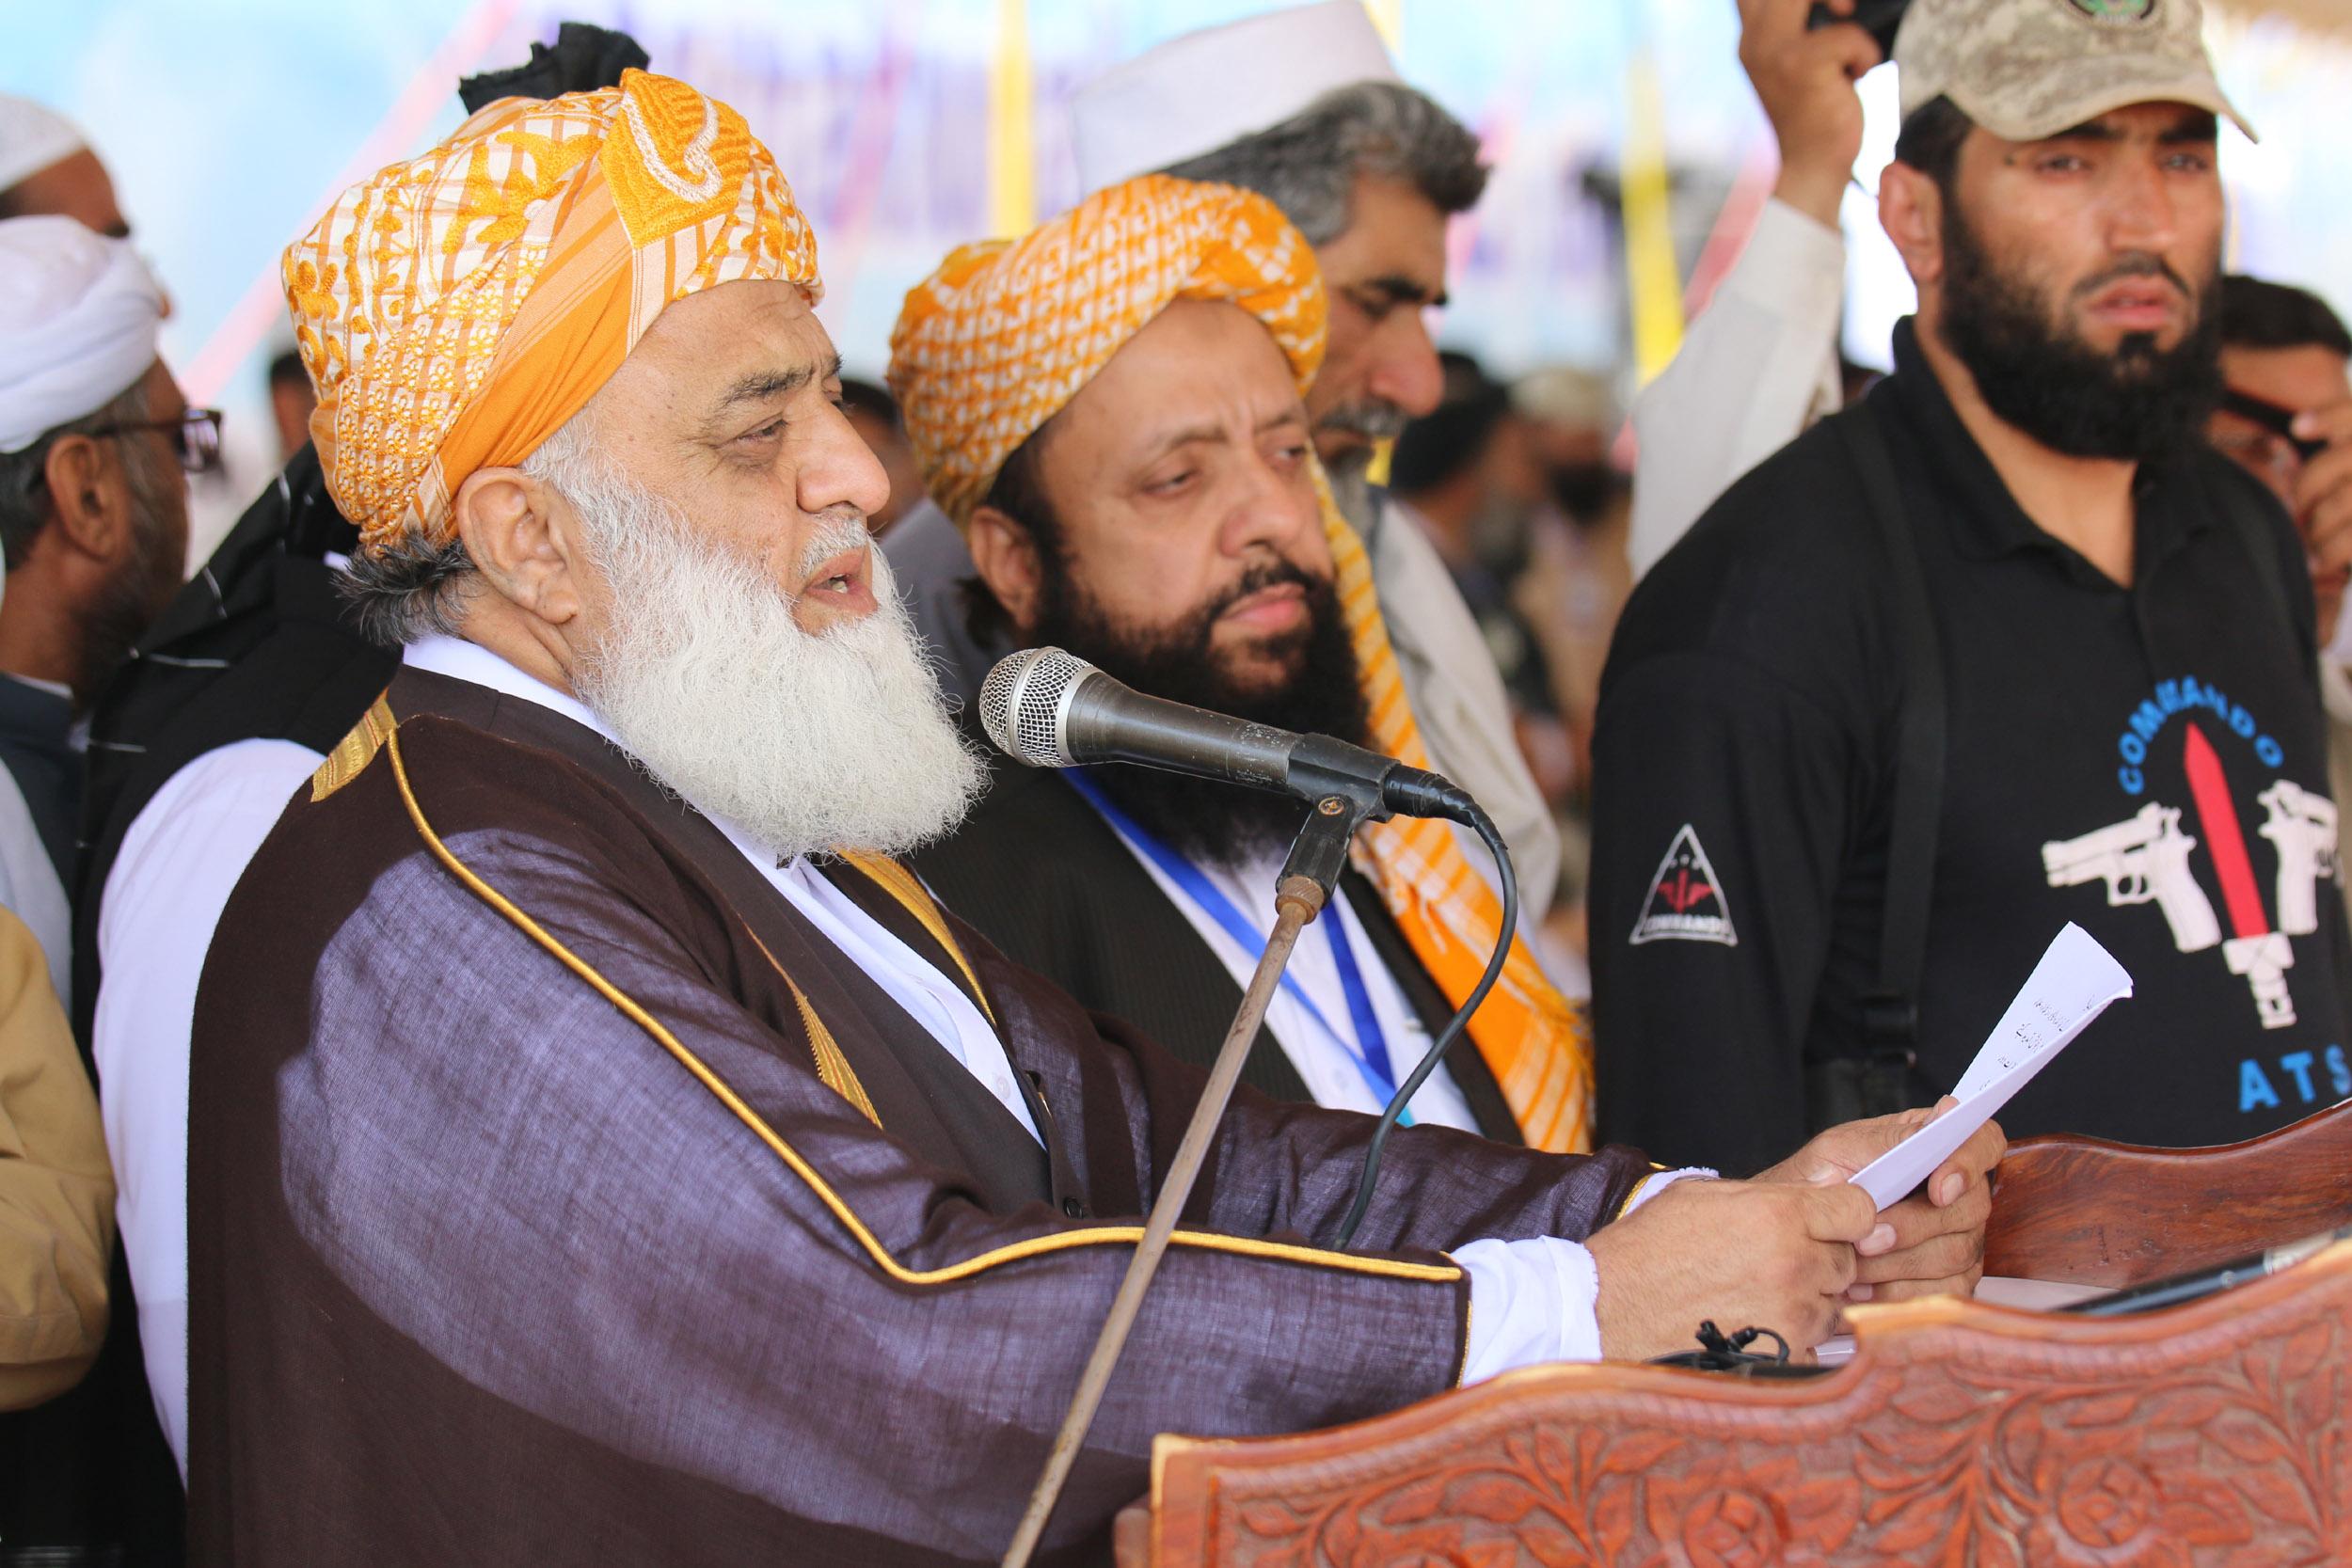 جمعيت علماء اسلام (ف) په سليزه غونډه کې د ترهګرۍ غندنه او د سولې غوښتنه کوي